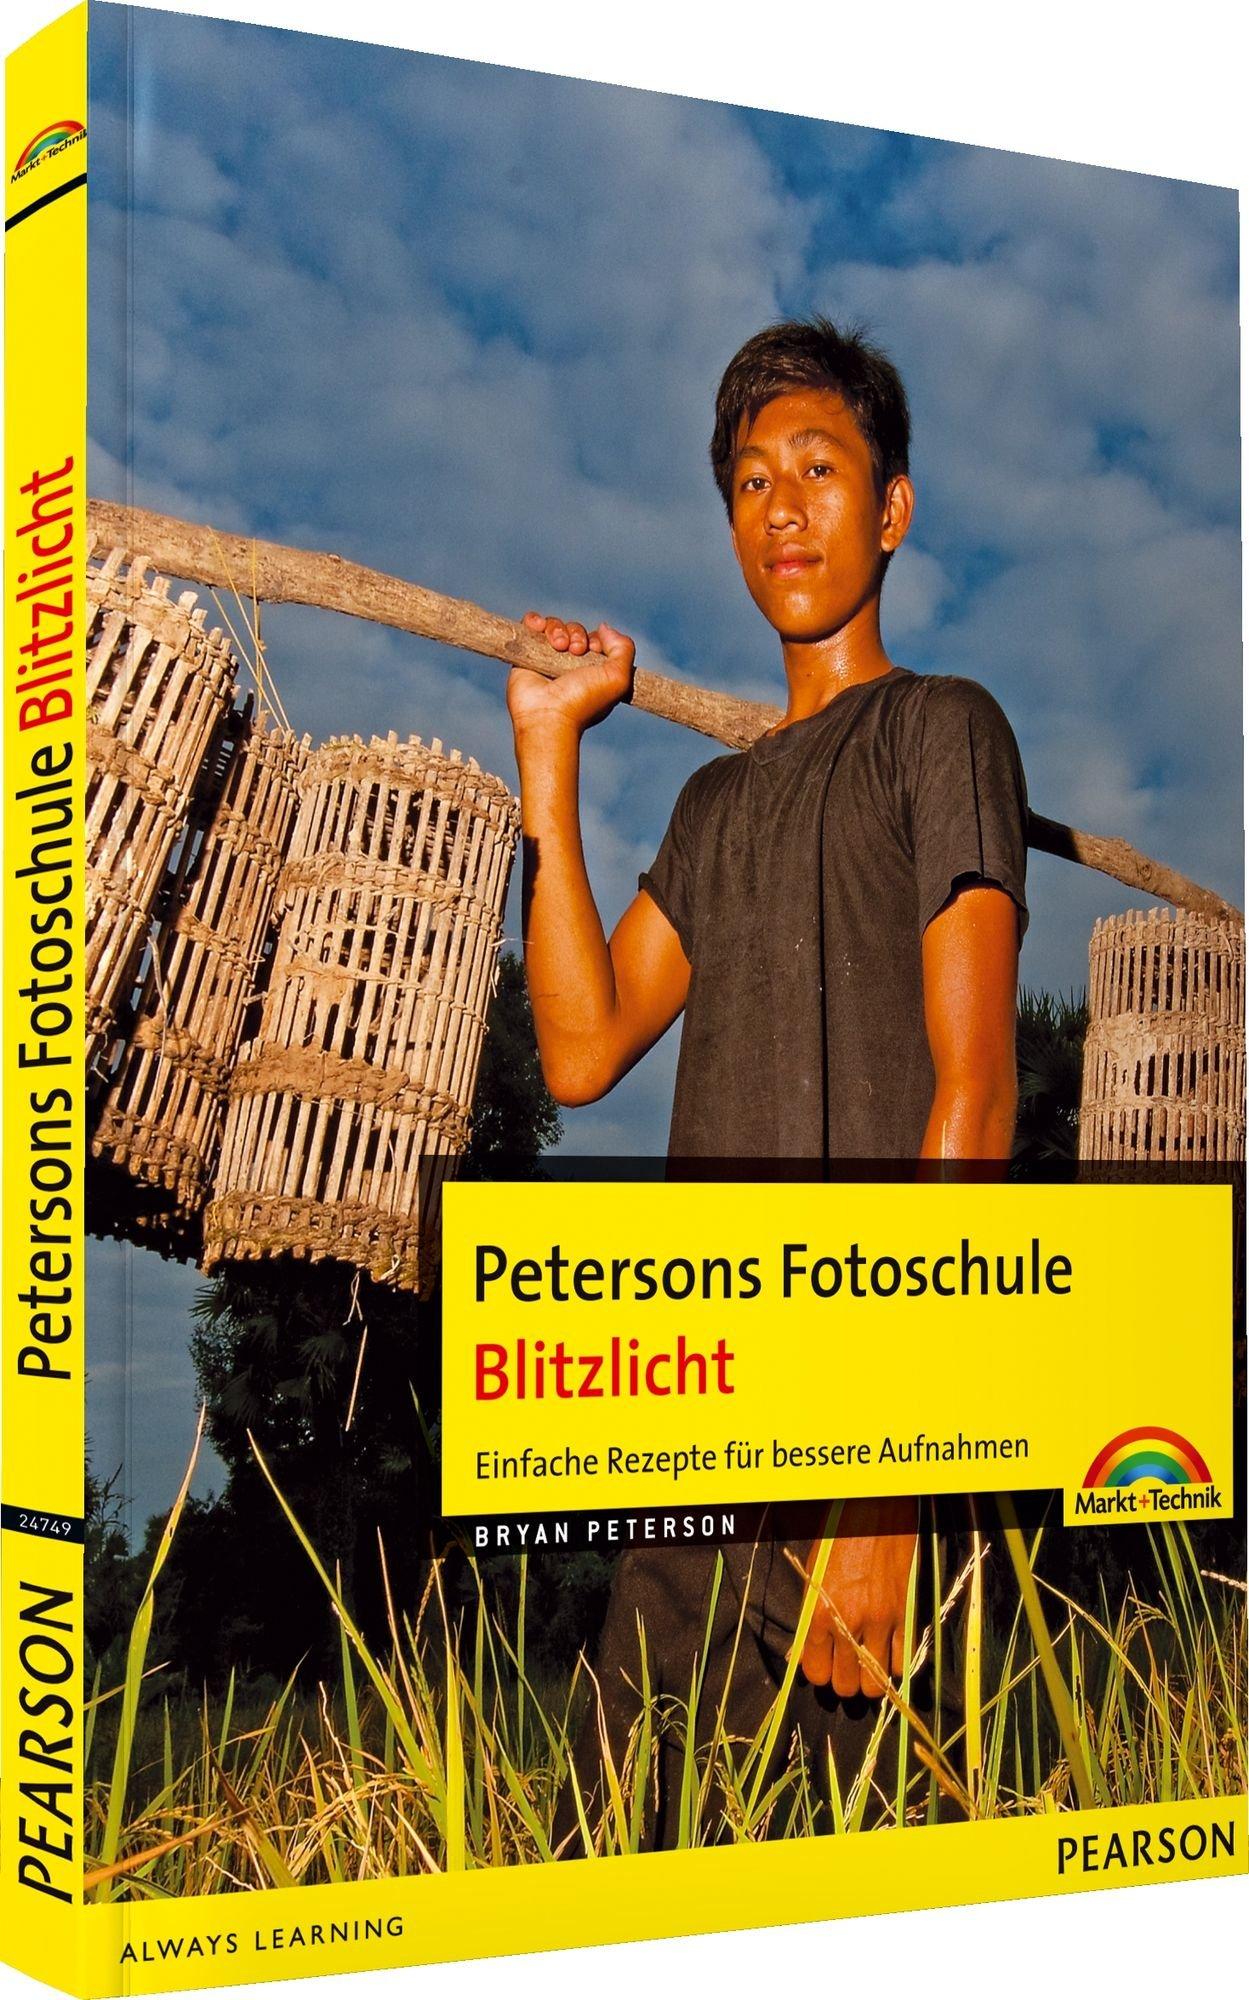 Petersons Fotoschule: Blitzlicht - Einfache Rezepte für bessere Aufnahmen (Digital fotografieren)